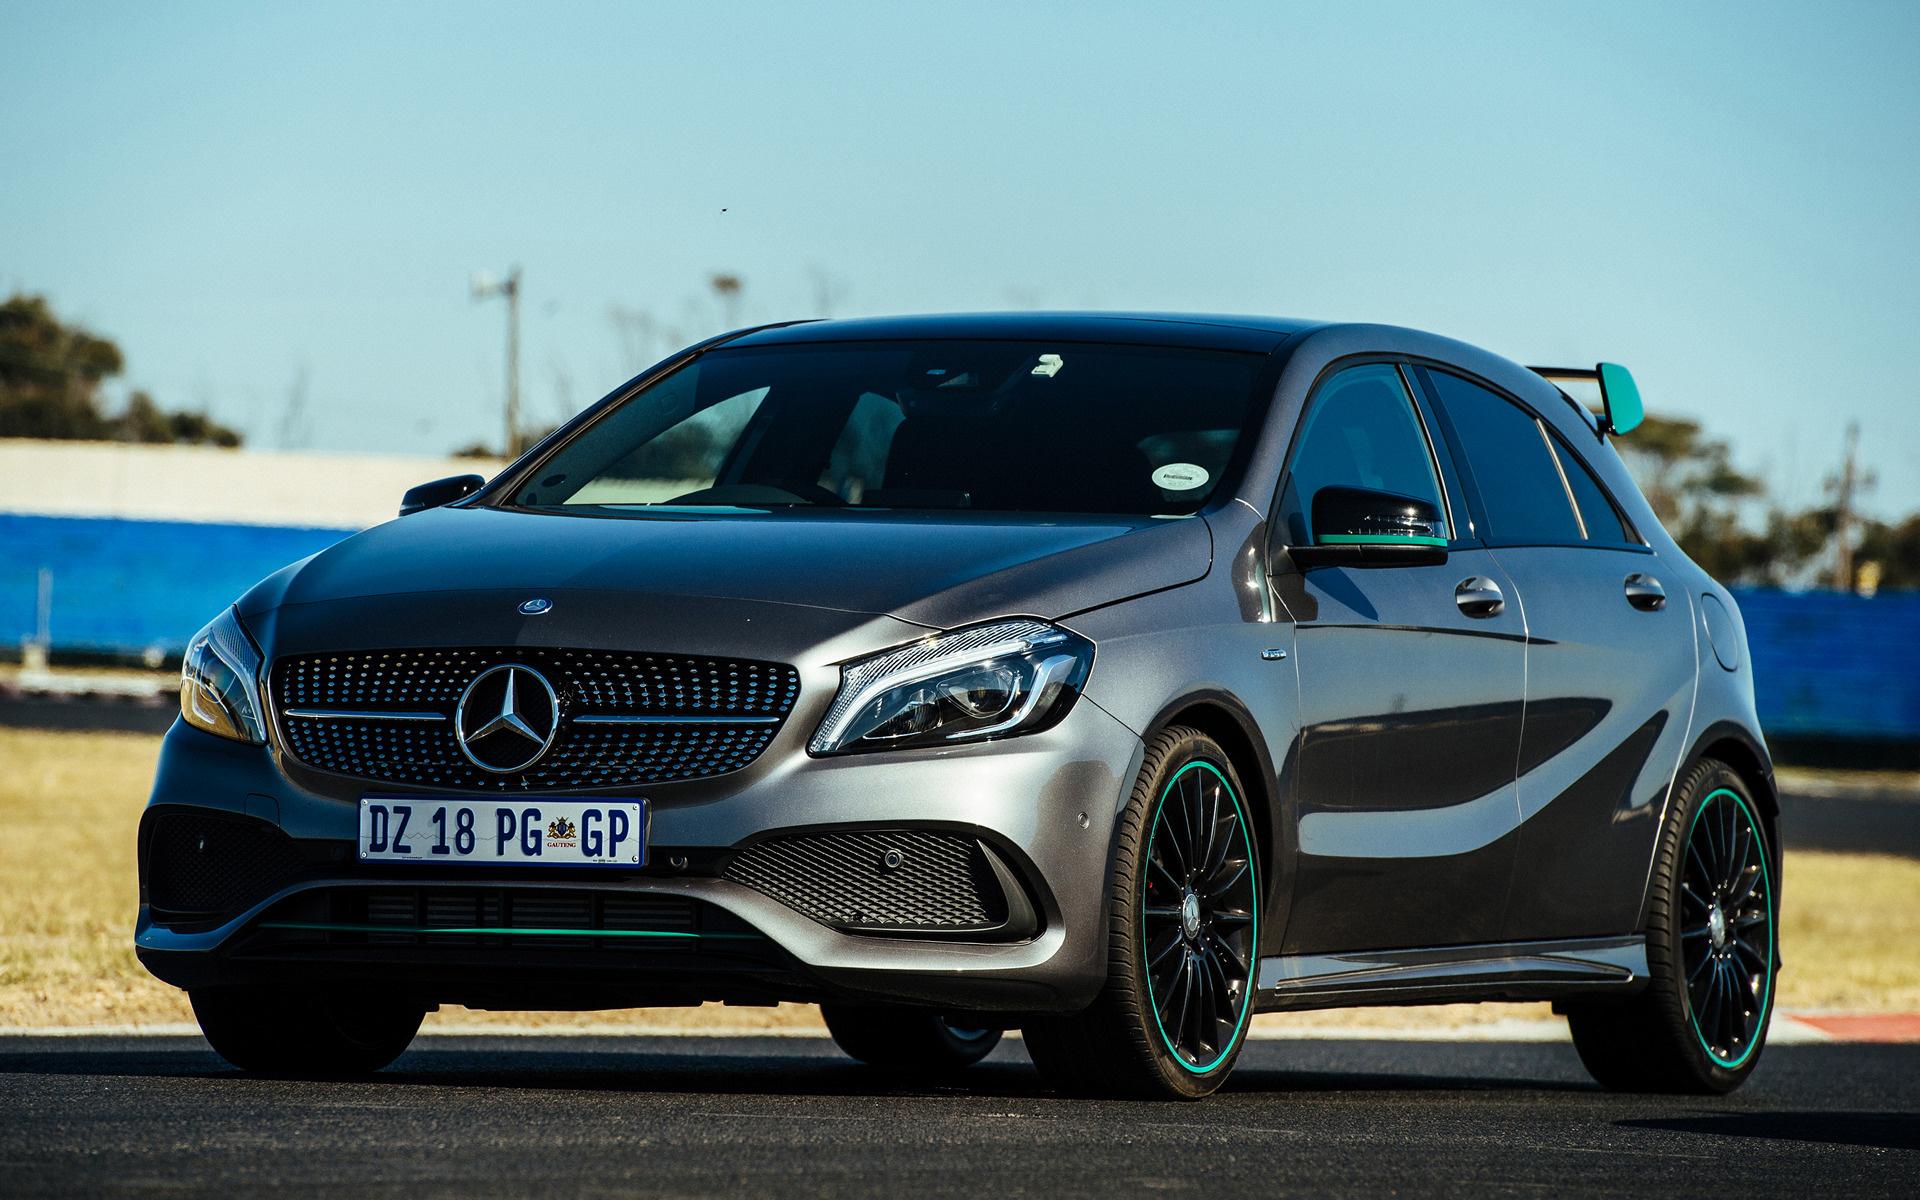 https://www.carpixel.net/w/0640dcdaee79893e938e09414eaf364d/mercedes-benz-a-class-motorsport-edition-car-wallpaper-39189.jpg